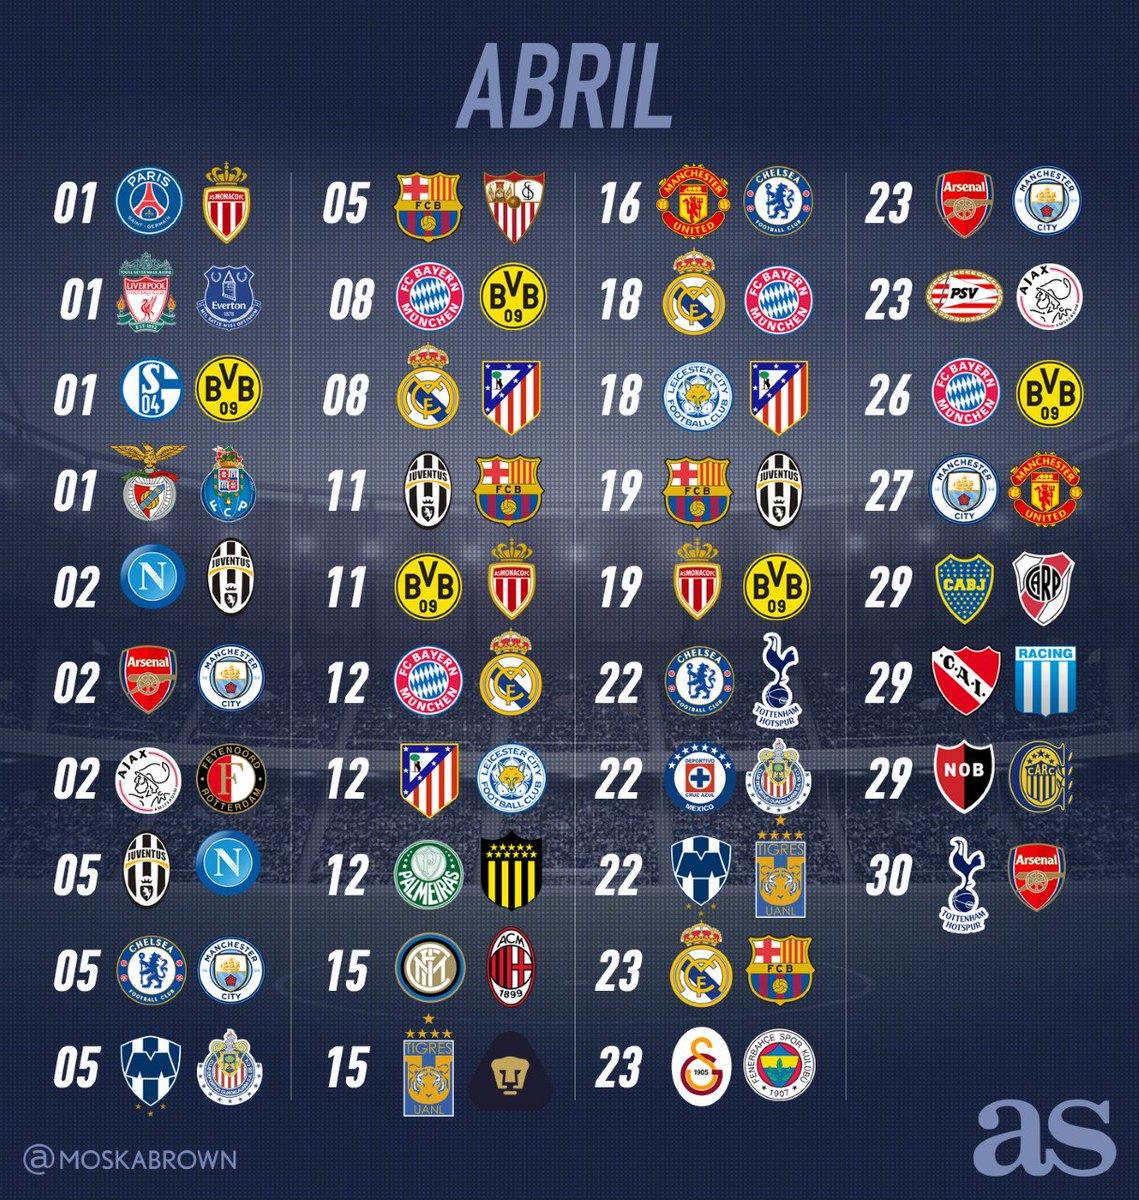 #SiAlgoMeUrgeEs que sea abril...  ¡Para divertirnos como niños! 😃 ⚽️😍...